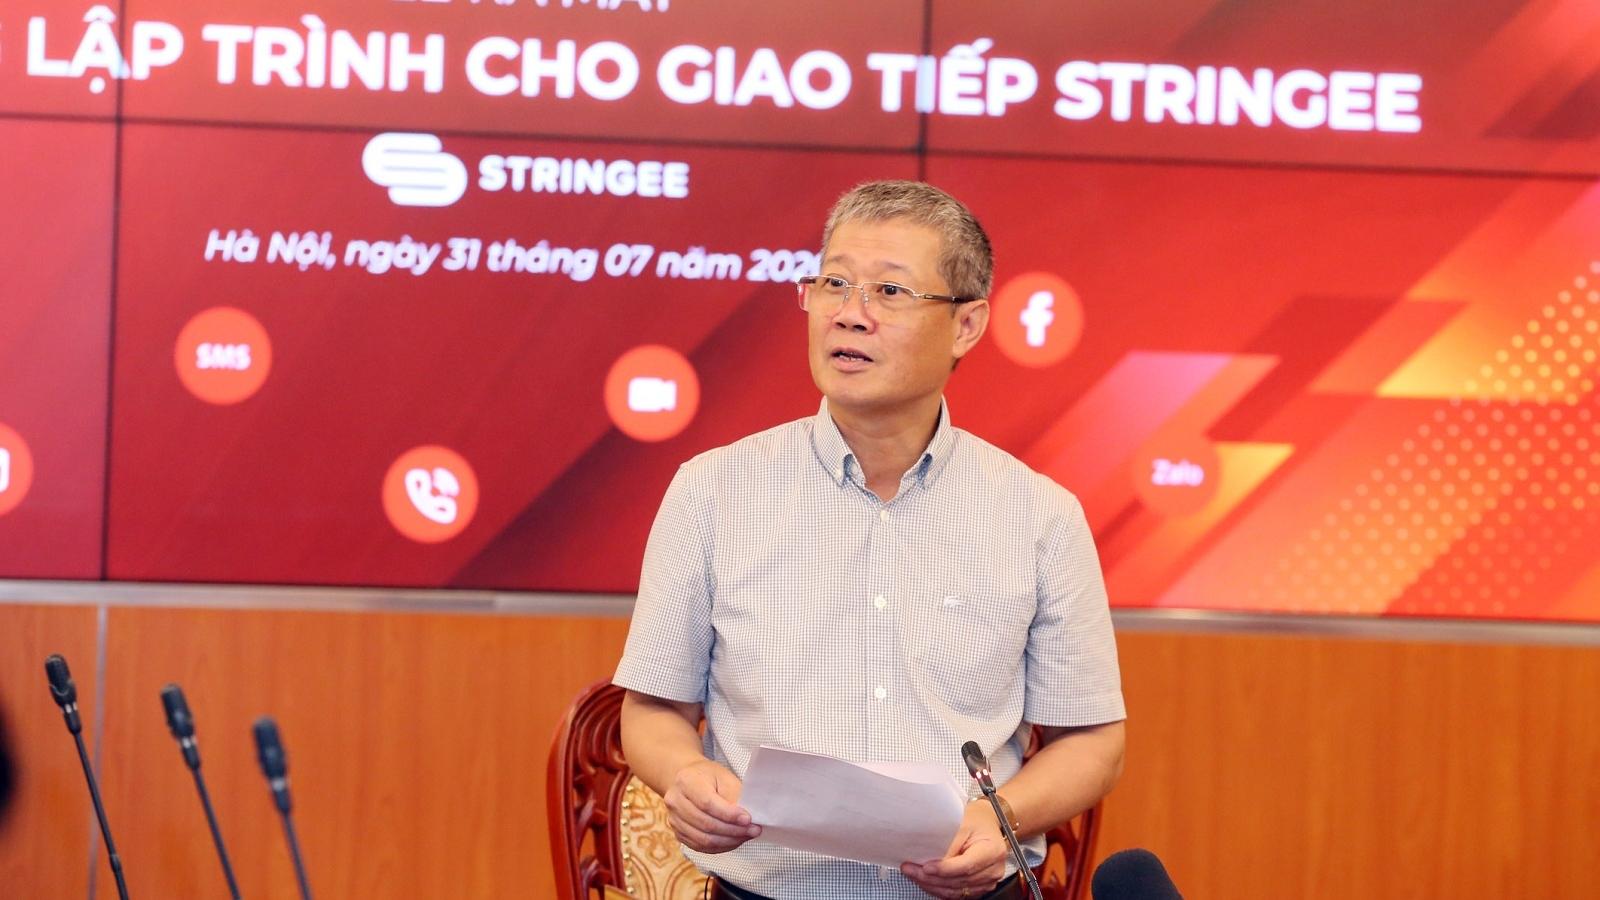 Ra mắt nền tảng giao tiếp Make in Vietnam đầu tiên cho doanh nghiệp